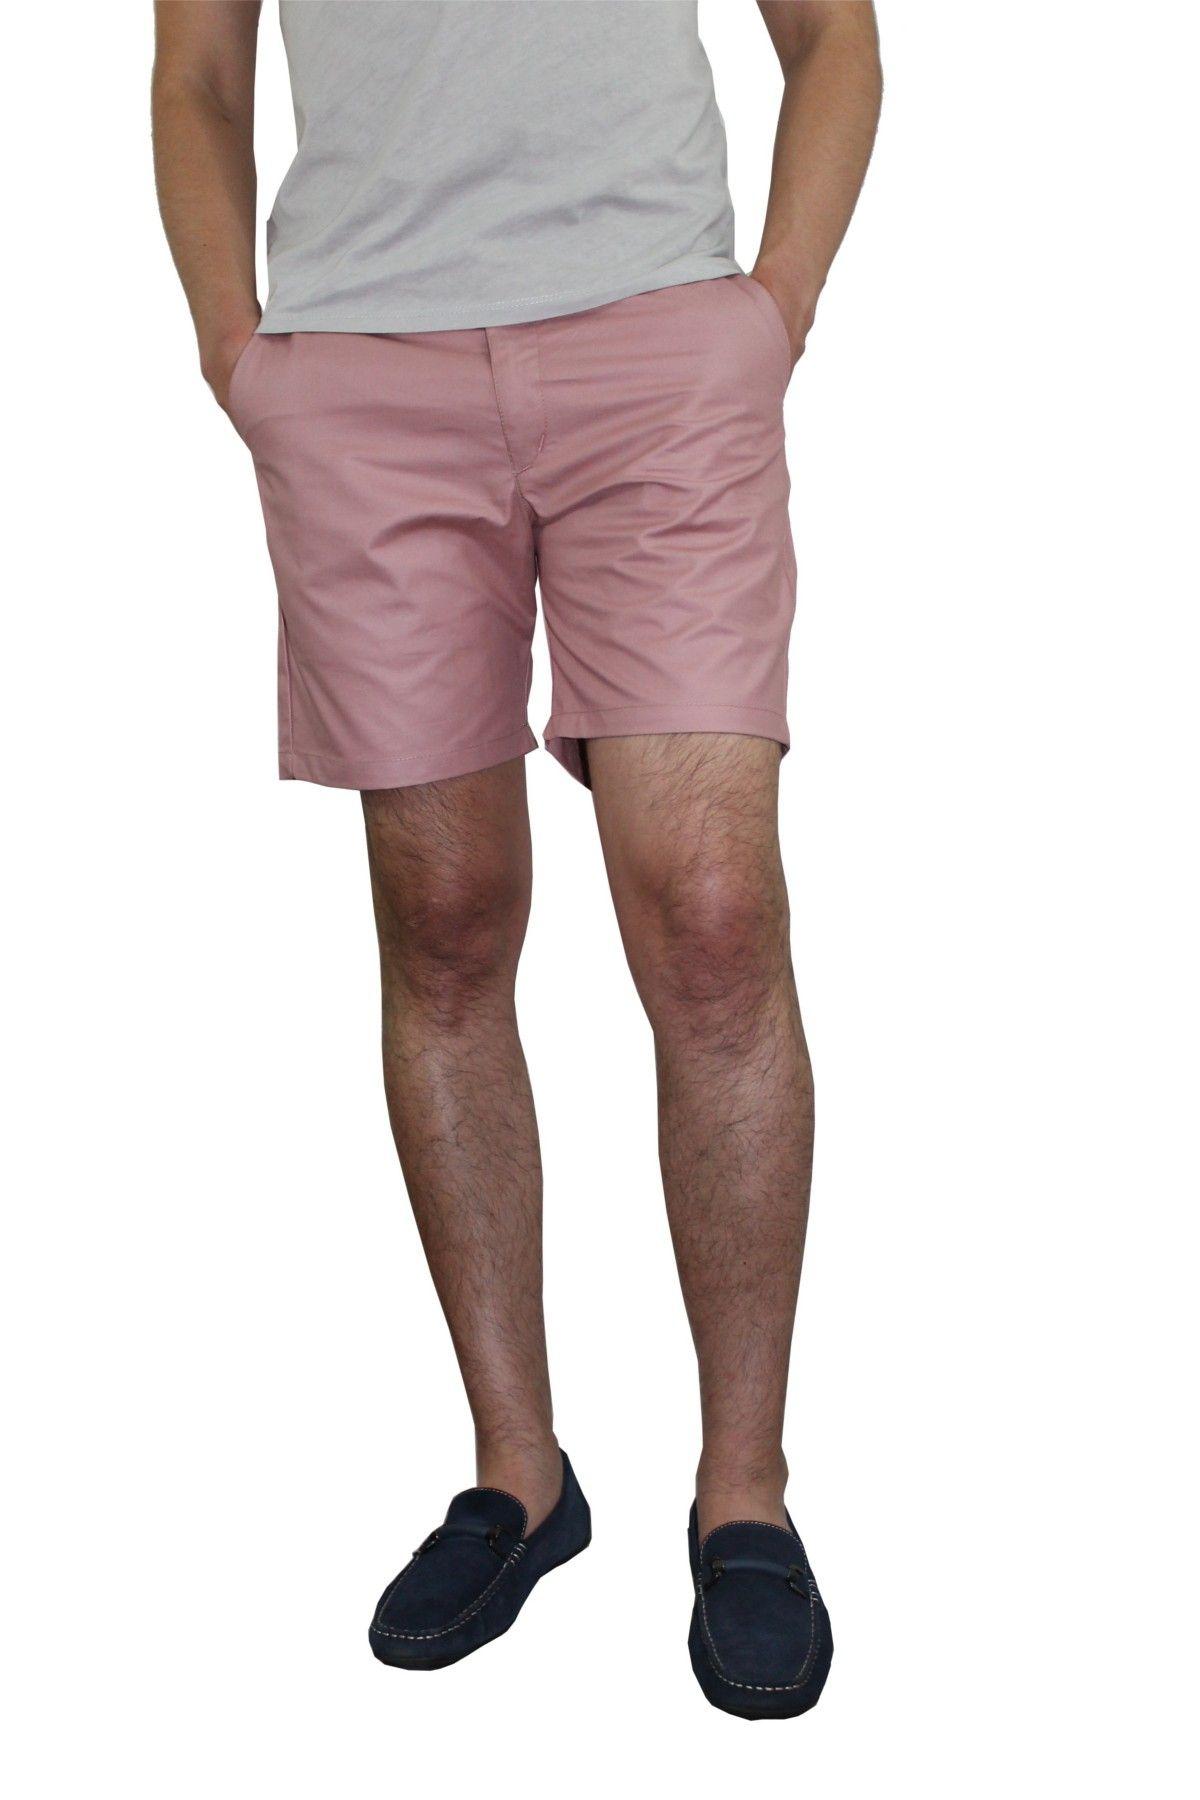 121fcce0 Bermudas Slim Manly Palo Rosa Bermudas, Moda Hombre, Pantalones, Playa,  Hombres,